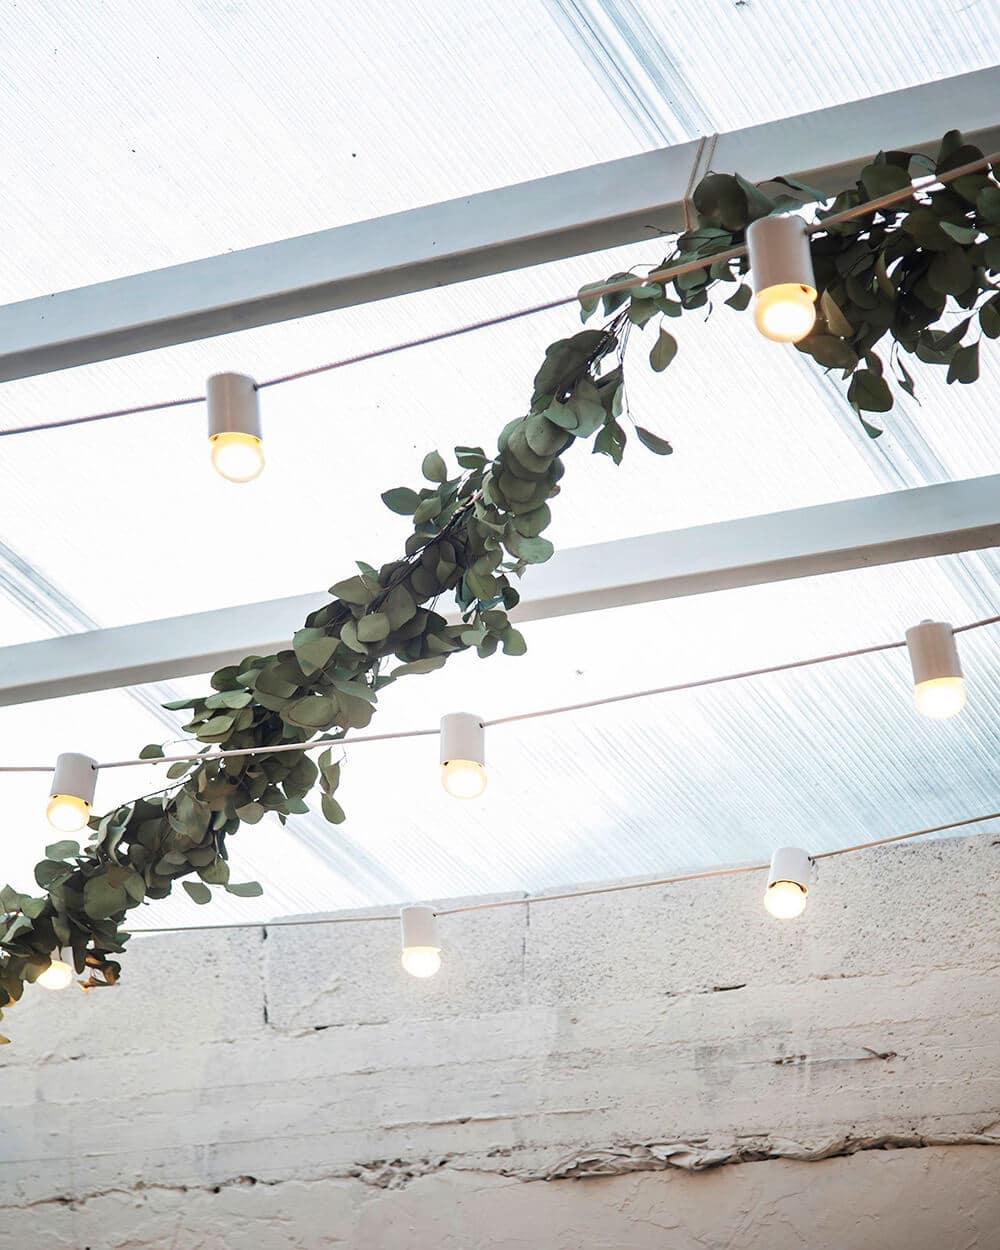 Minimalizm na stole iwe wnętrzu: wegańska restauracja Opa wTel Awivie